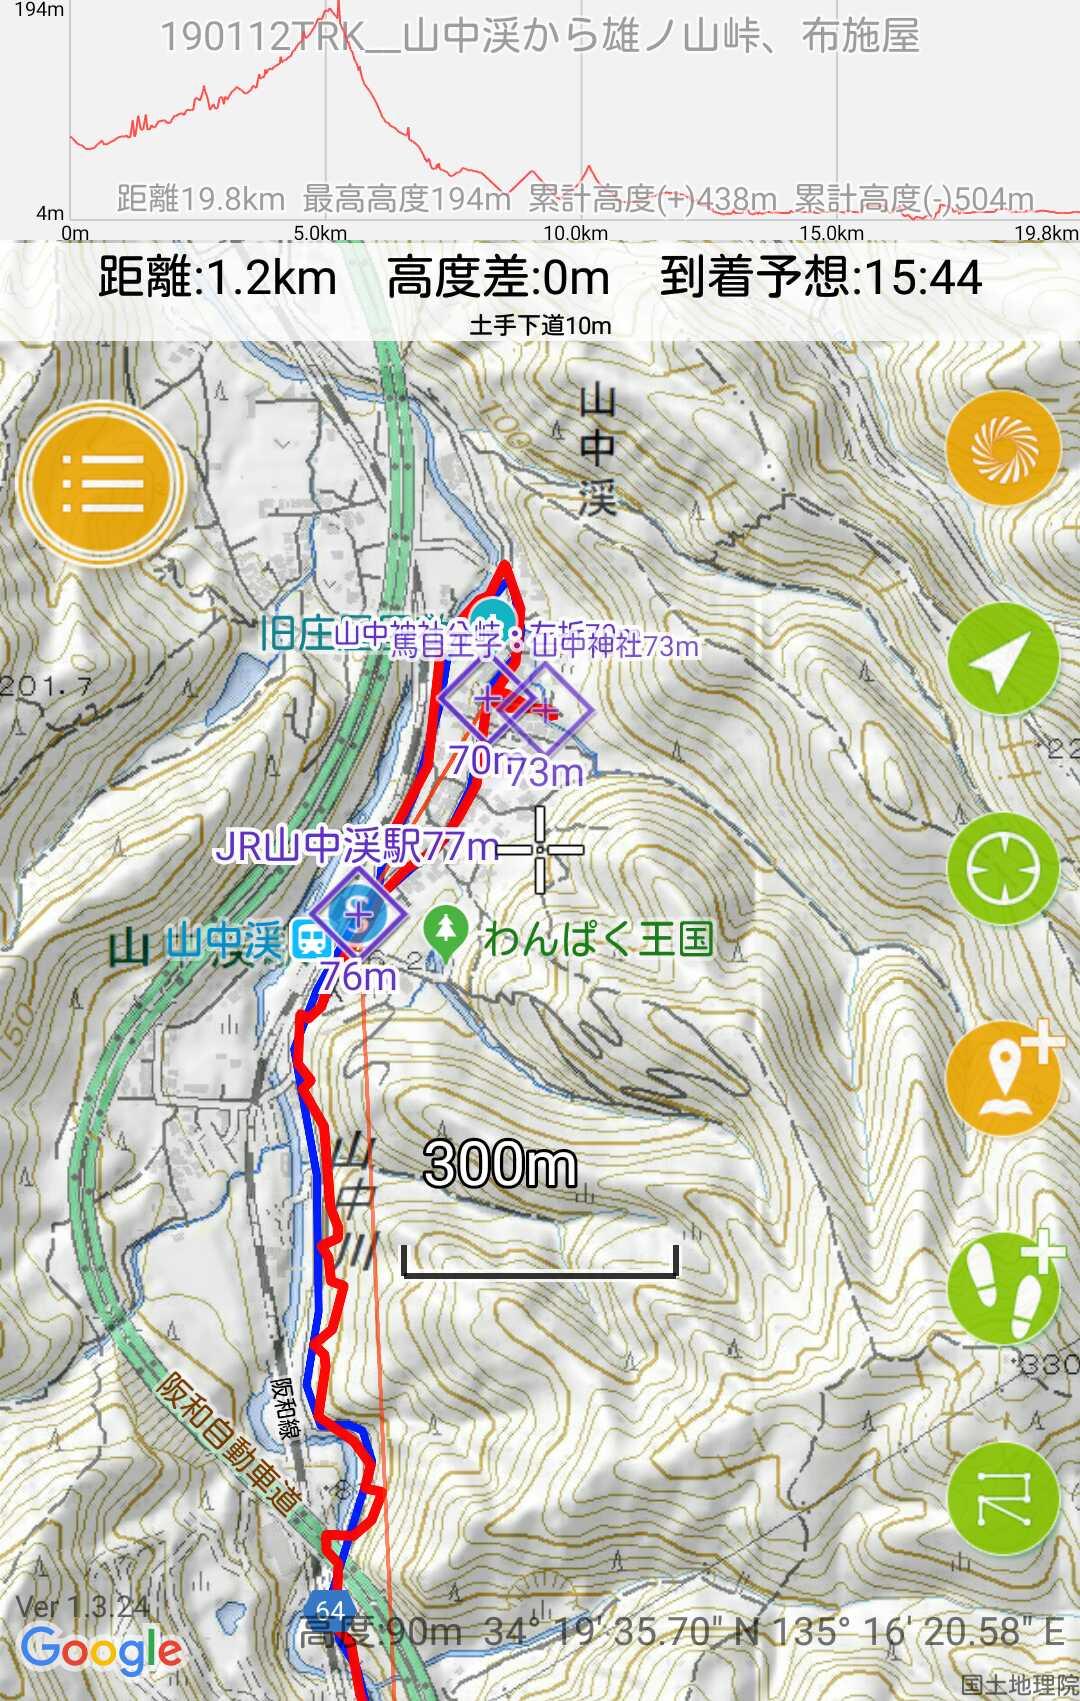 190112 山中渓、雄ノ山峠から布施屋の例会無事完了